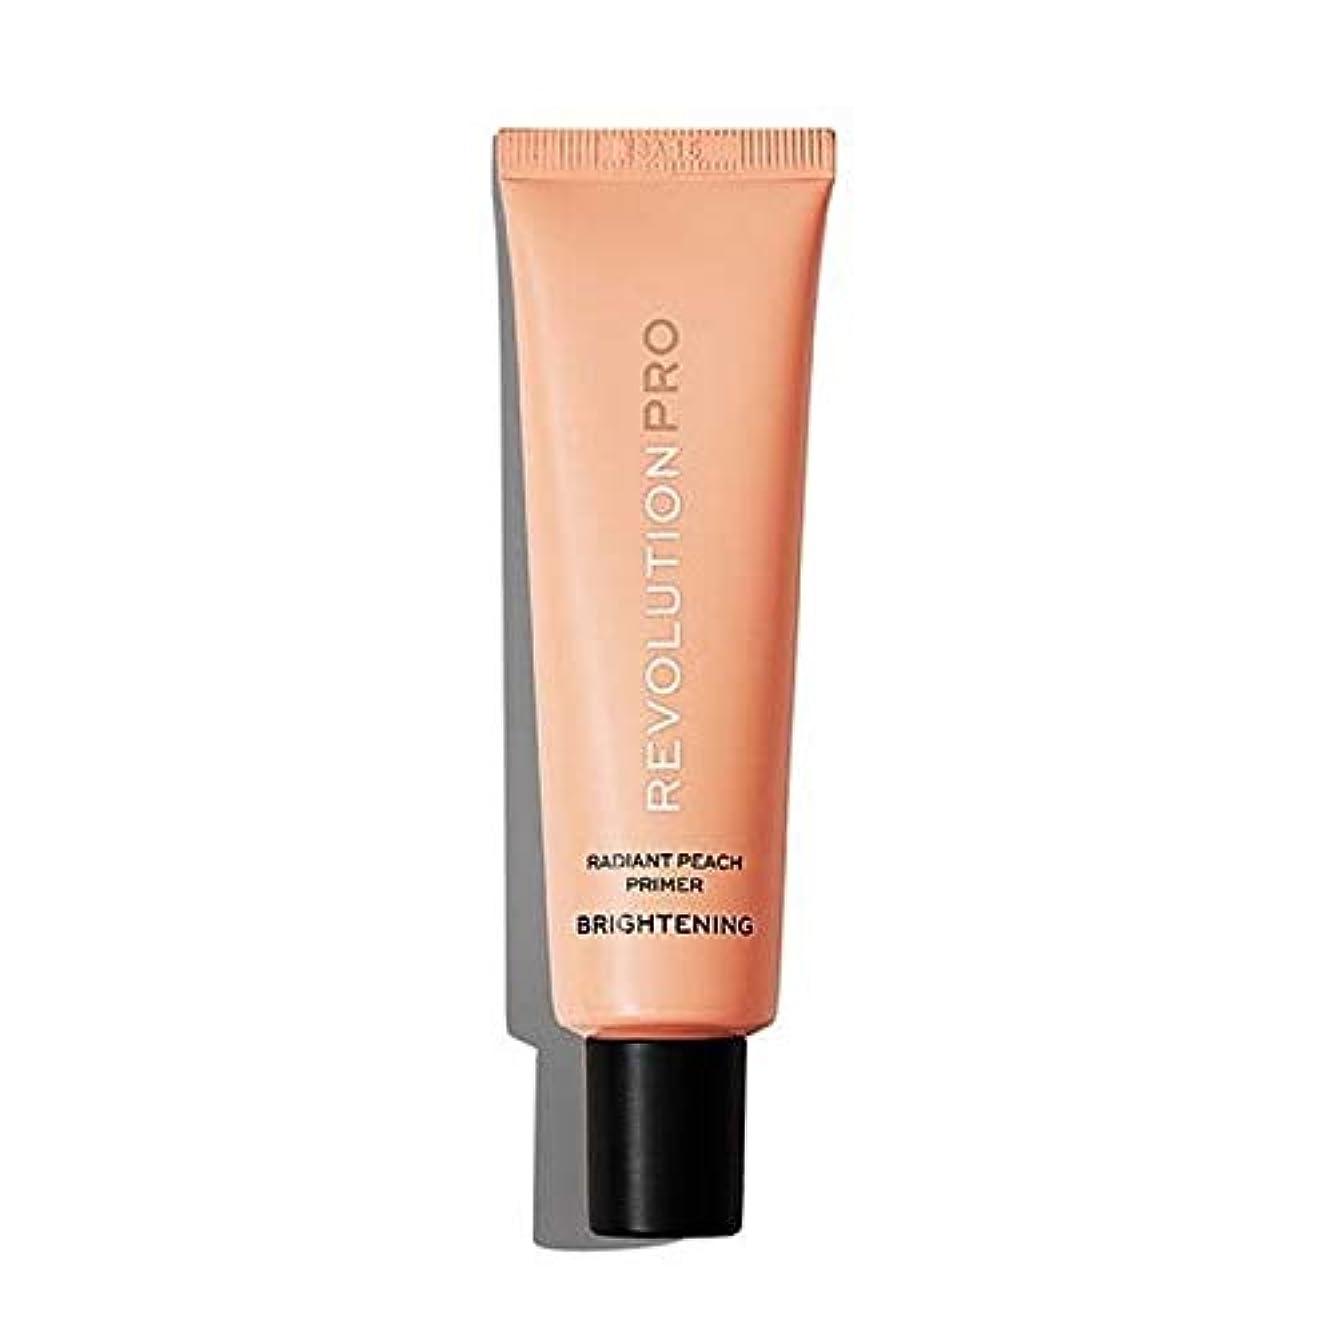 許可する損なう論争[Revolution ] レブロンプロ矯正顔プライマー放射桃 - Revlon Pro Correcting Face Primer Radiant Peach [並行輸入品]